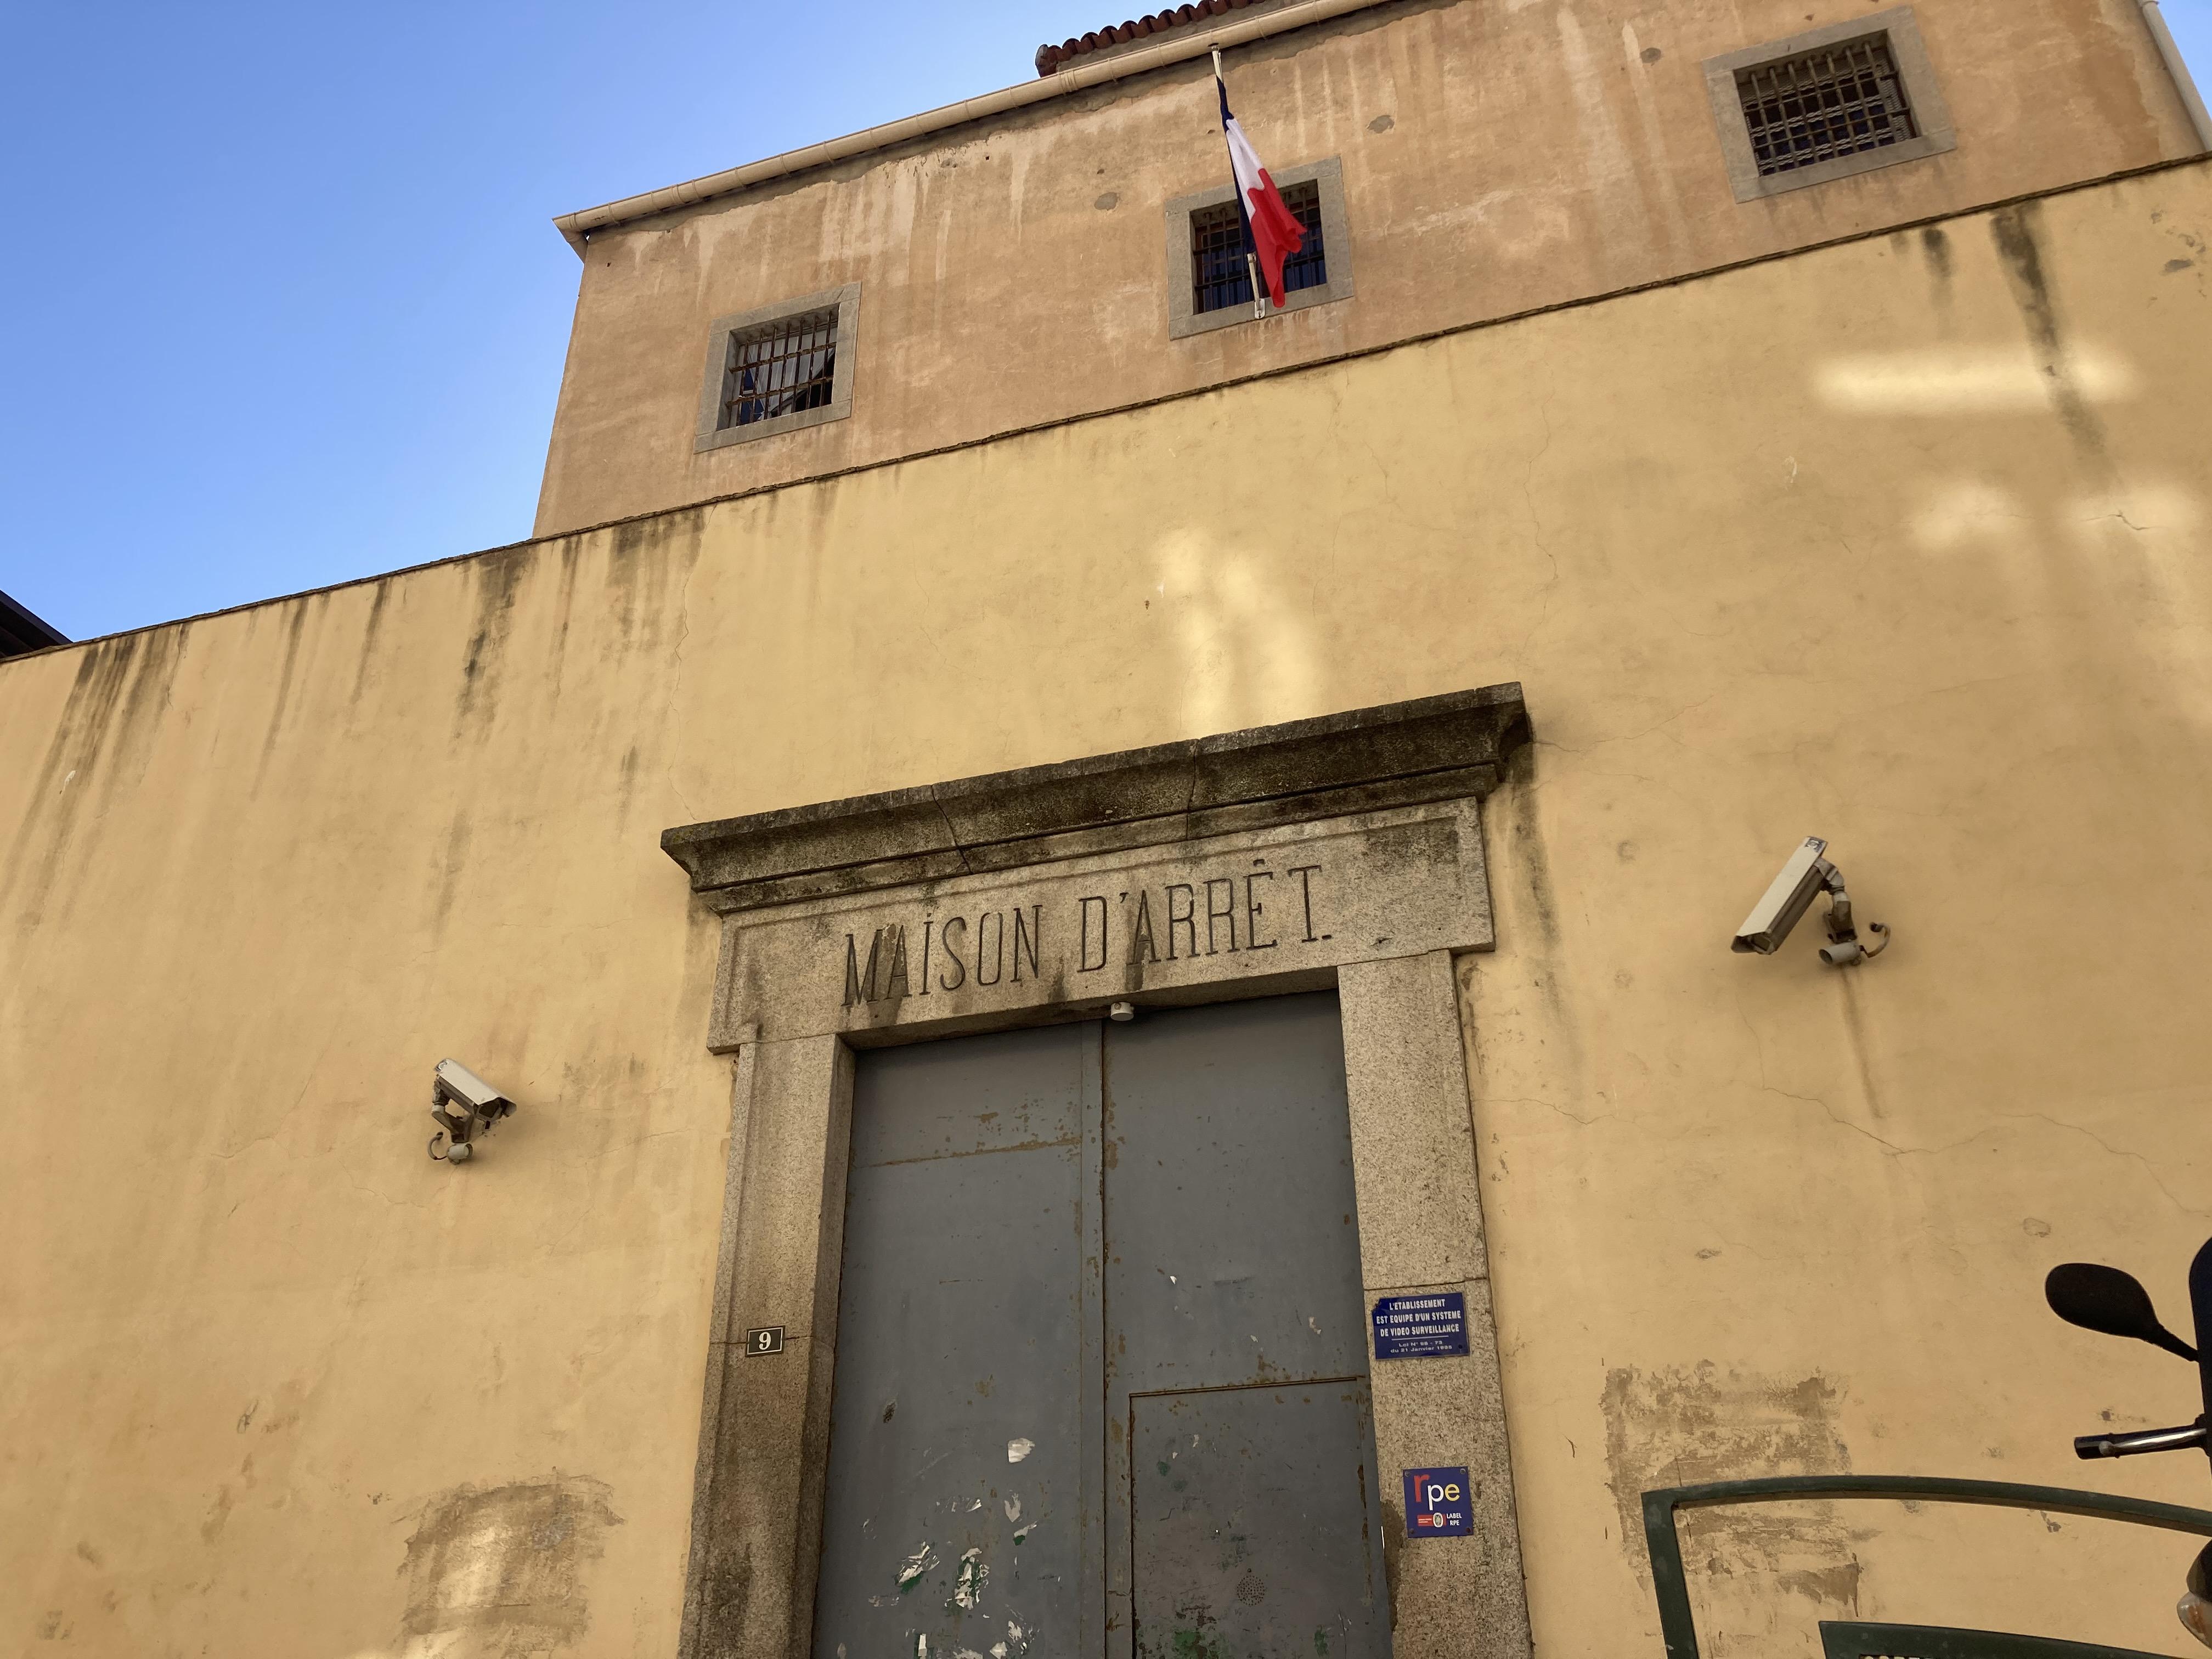 La maison d'arrêt d'Ajaccio. Photo Julia Sereni